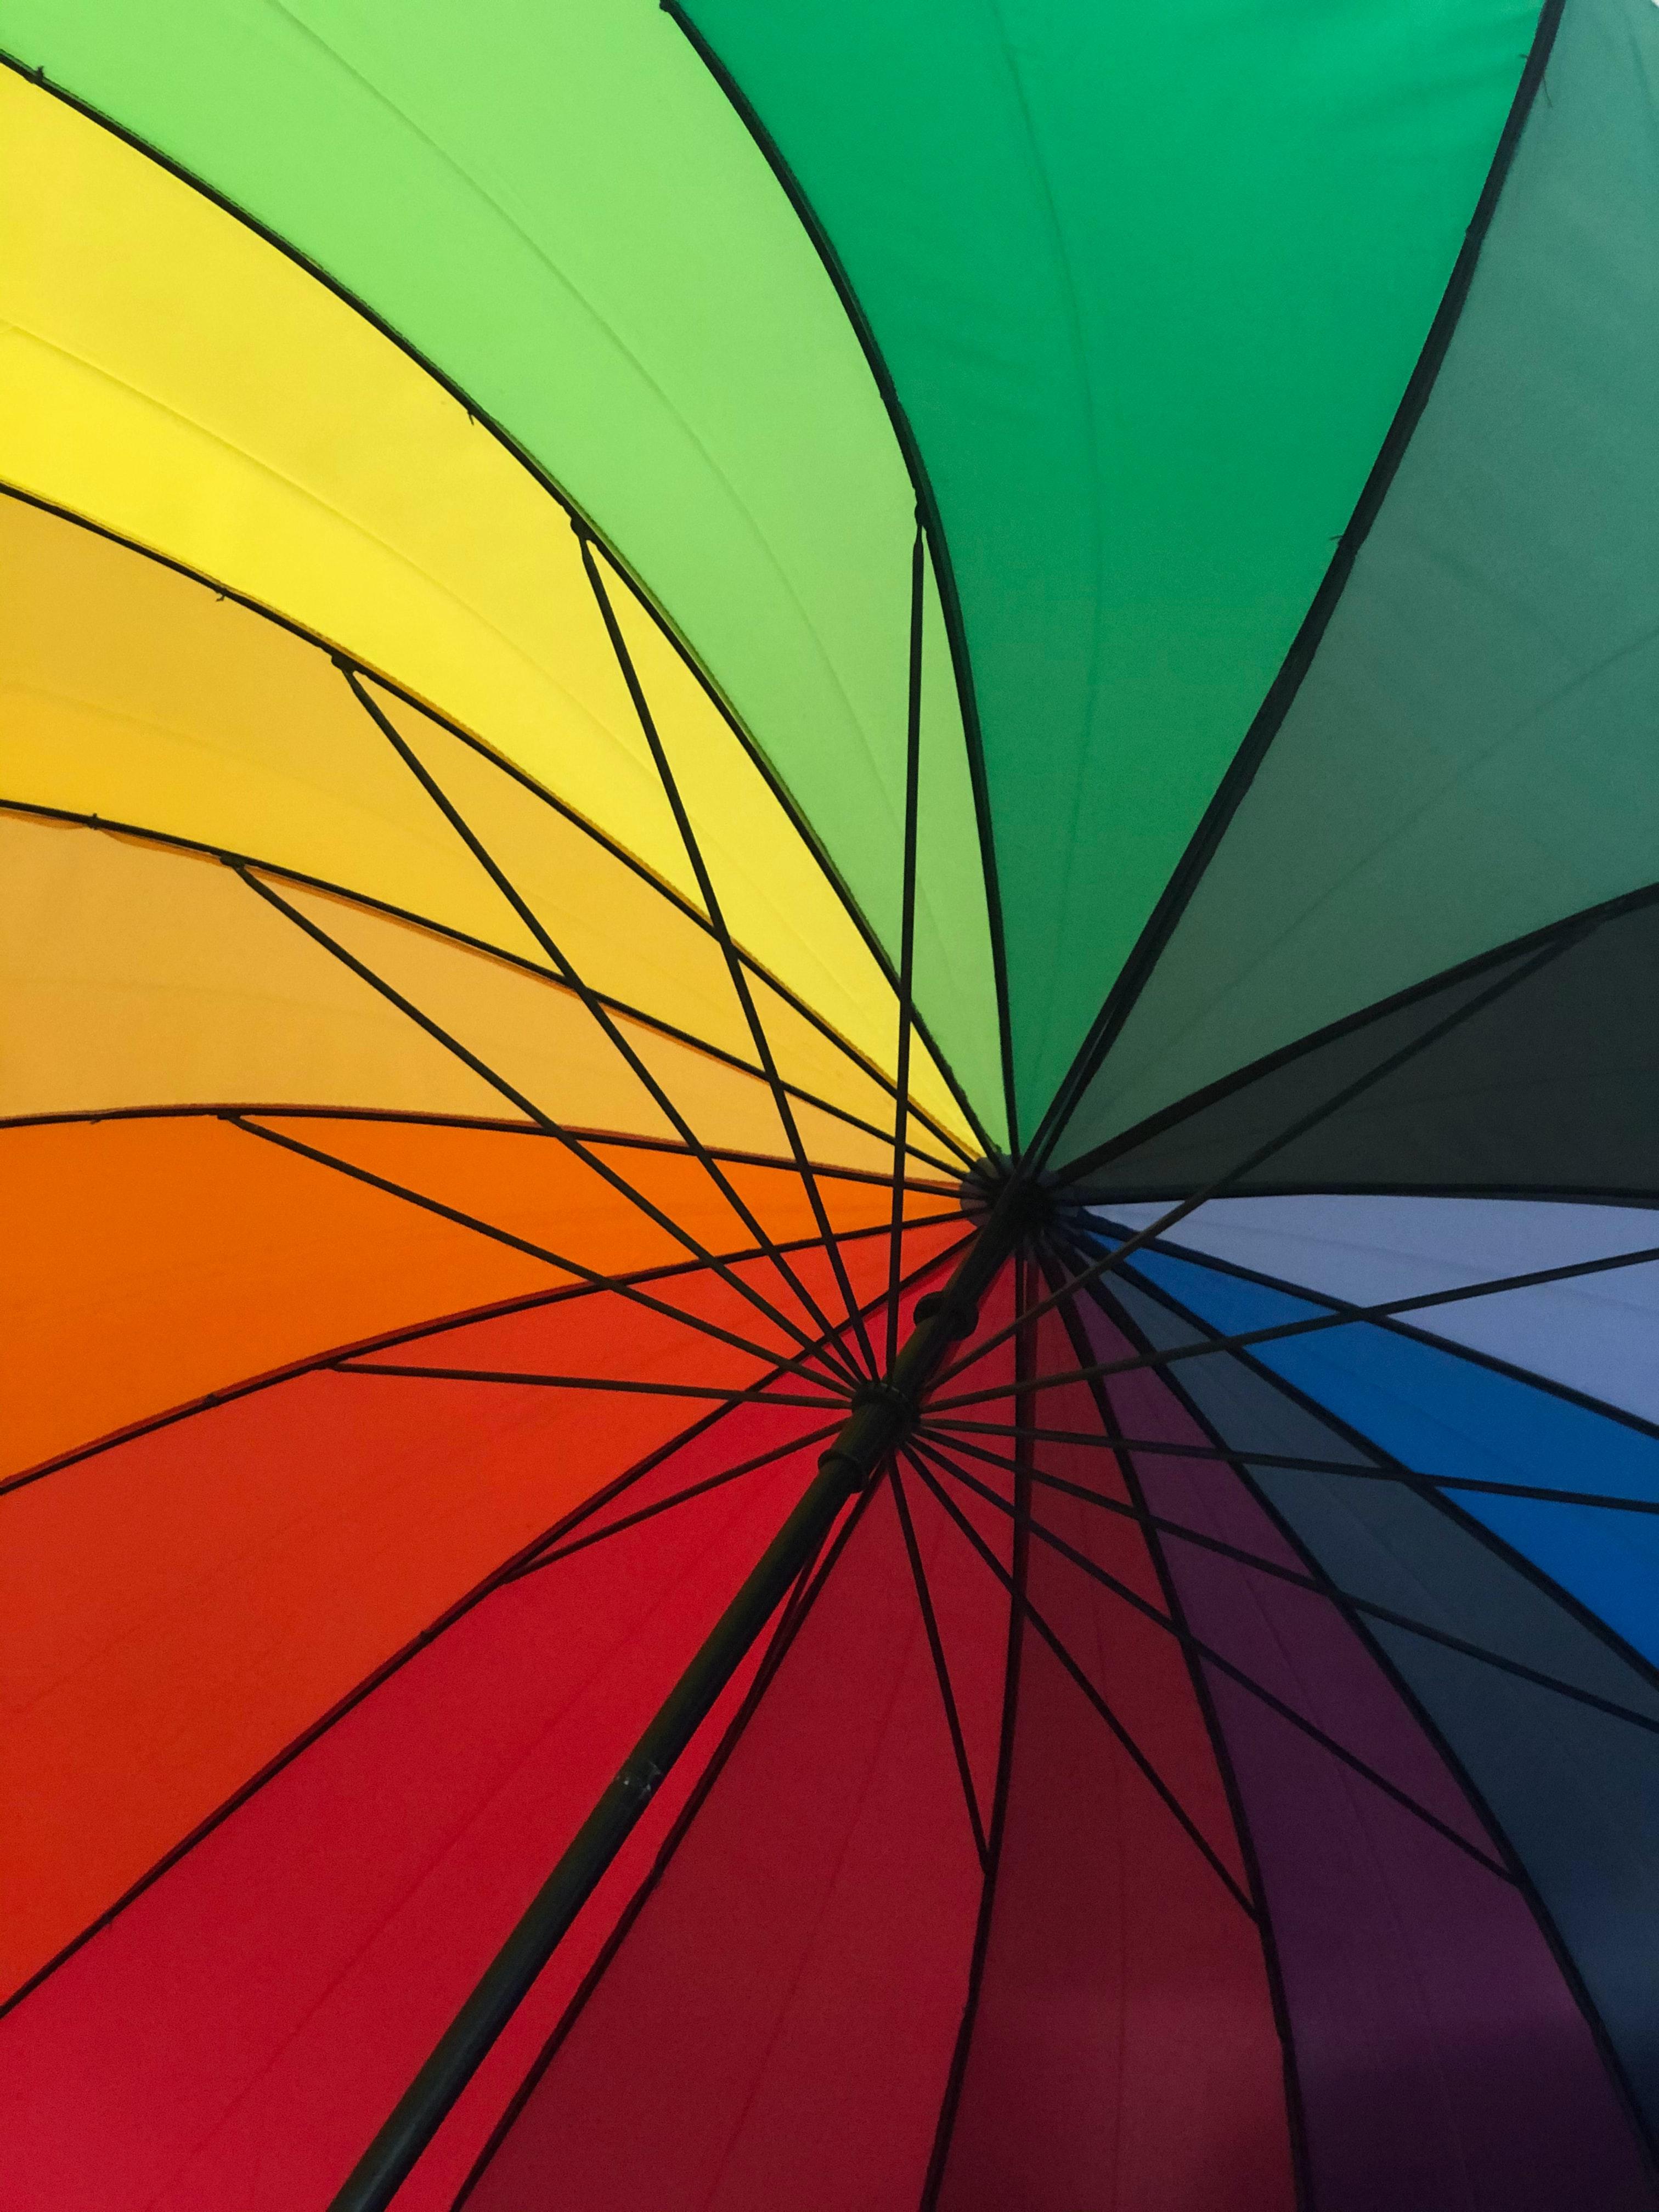 130309 скачать обои Радуга, Разное, Разноцветный, Зонт - заставки и картинки бесплатно